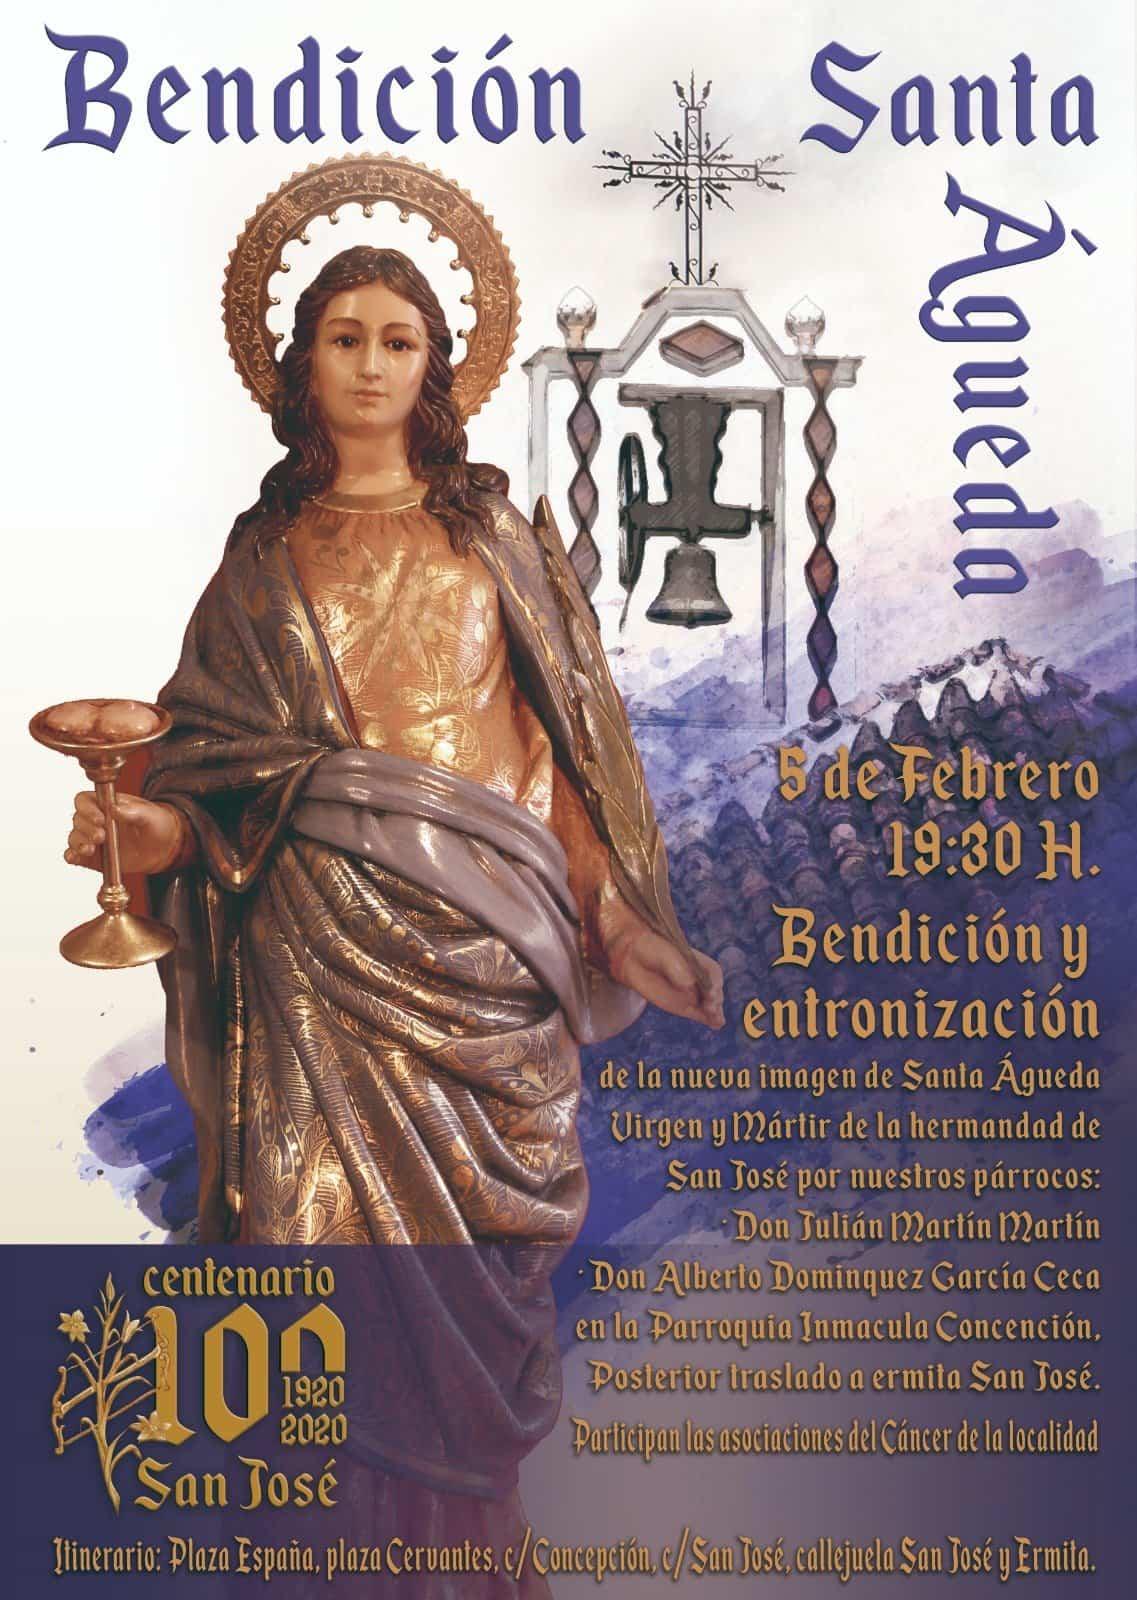 Bendición de la nueva imagen de Santa Águeda - Bendición y entronización de la nueva imagen de Santa Águeda